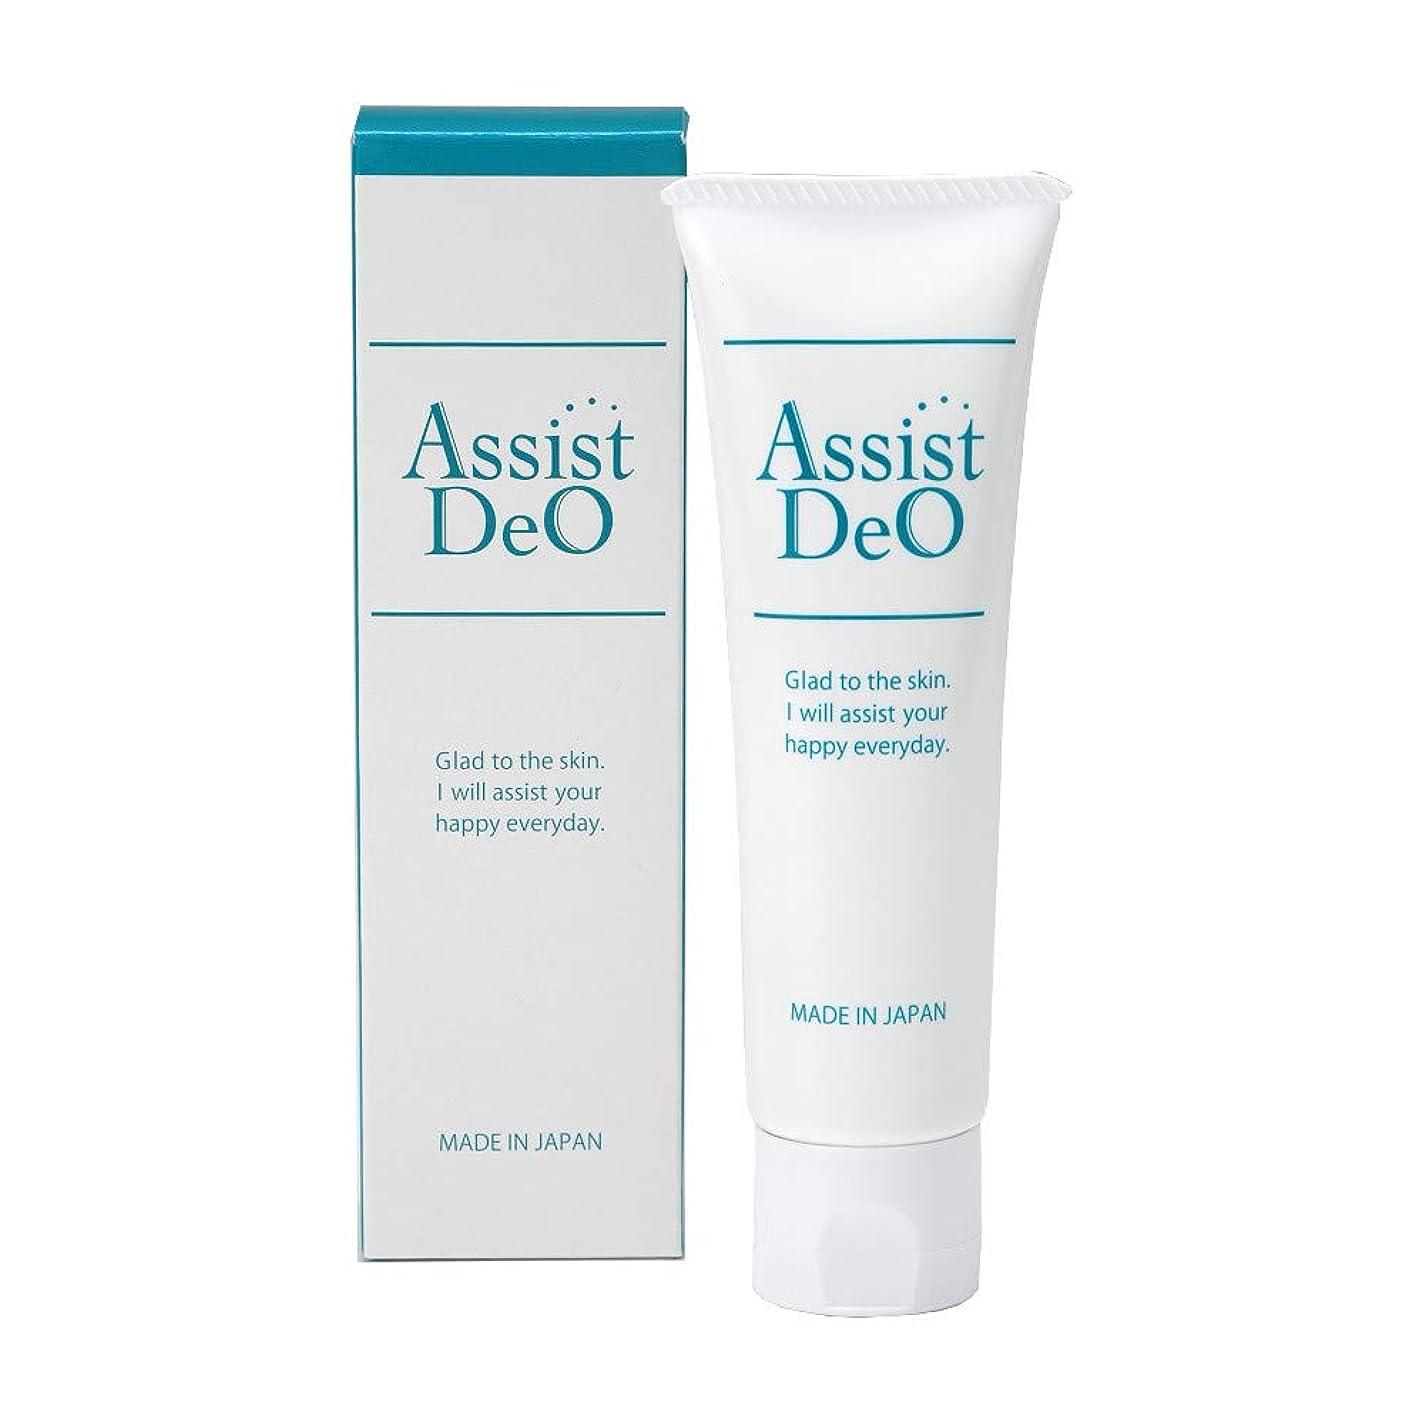 ミシン目抽出神秘的なニシキ 体臭 ワキガ対策 消臭クリーム アシストデオクリーム Assist Deo S3201-00-99